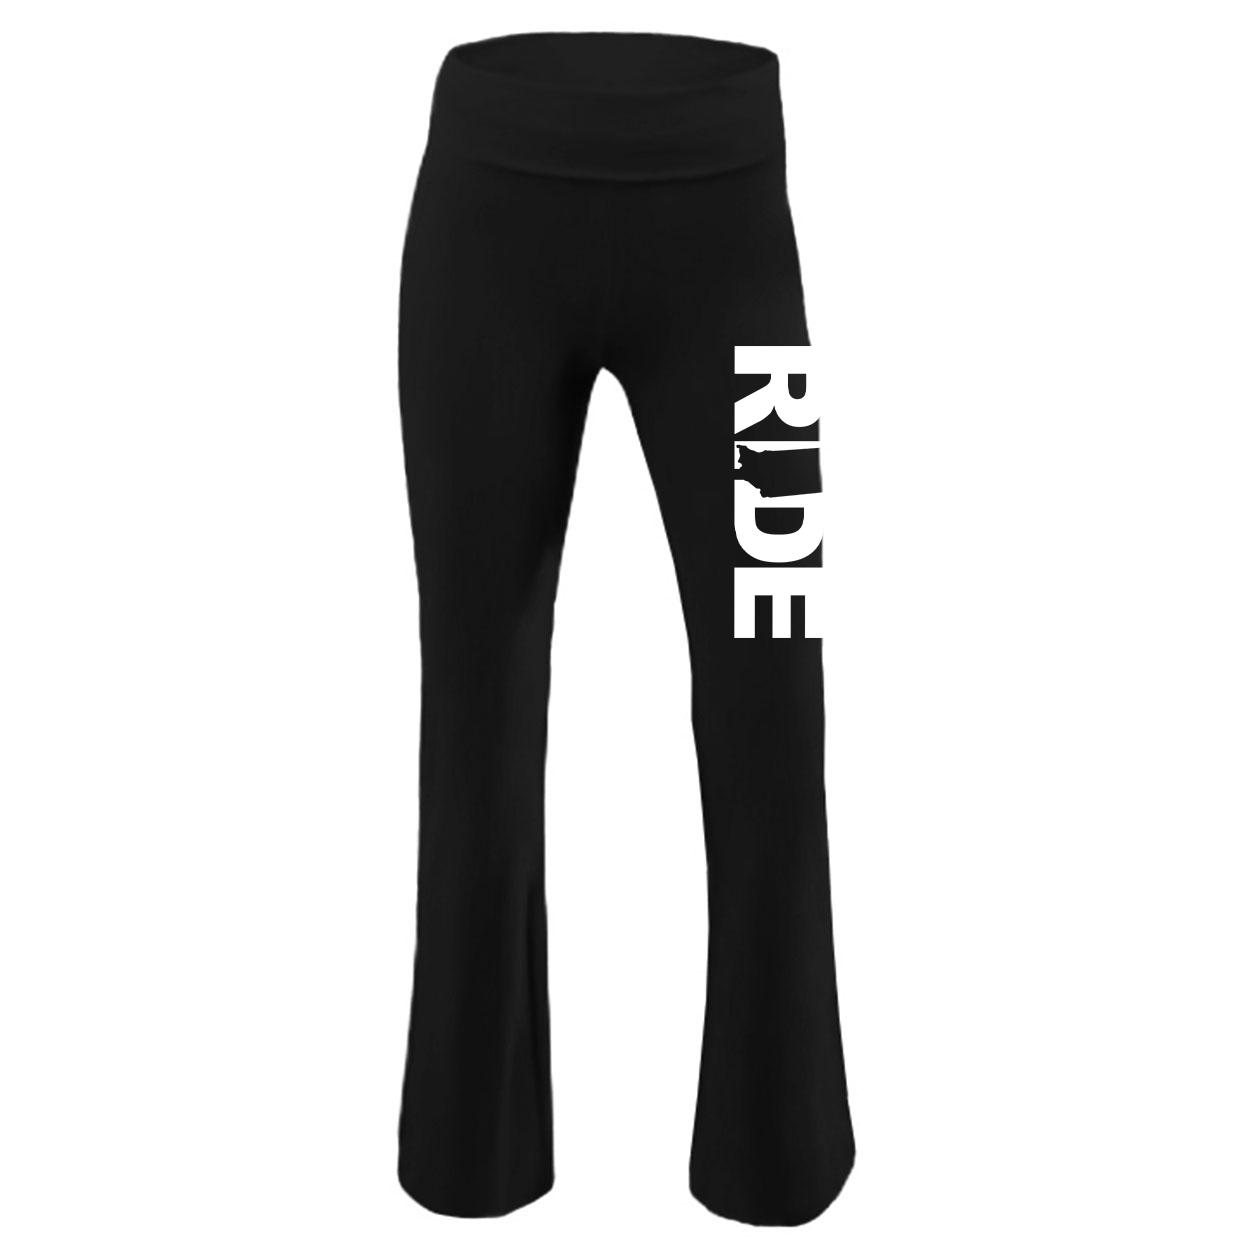 Ride Indiana Classic Youth Girls Yoga Pants Black (White Logo)